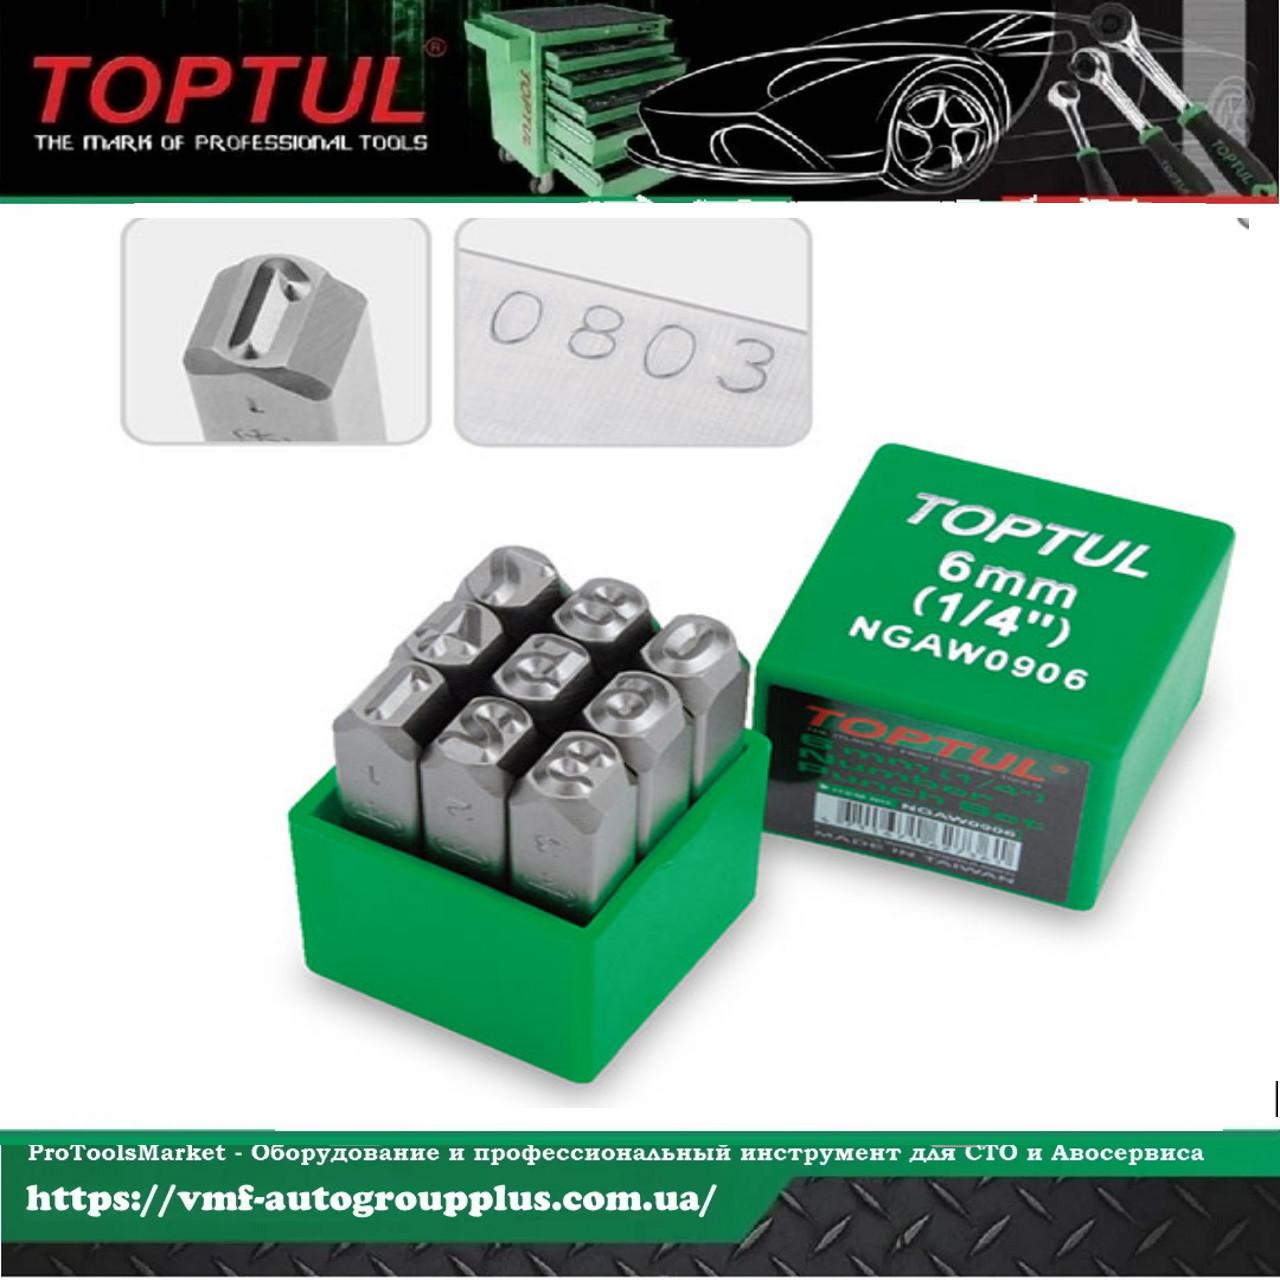 Клейма цифровые ударные по металлу 9ед. с номерами от 0 до 9 3мм набор профессиональный TOPTUL NGAW0903